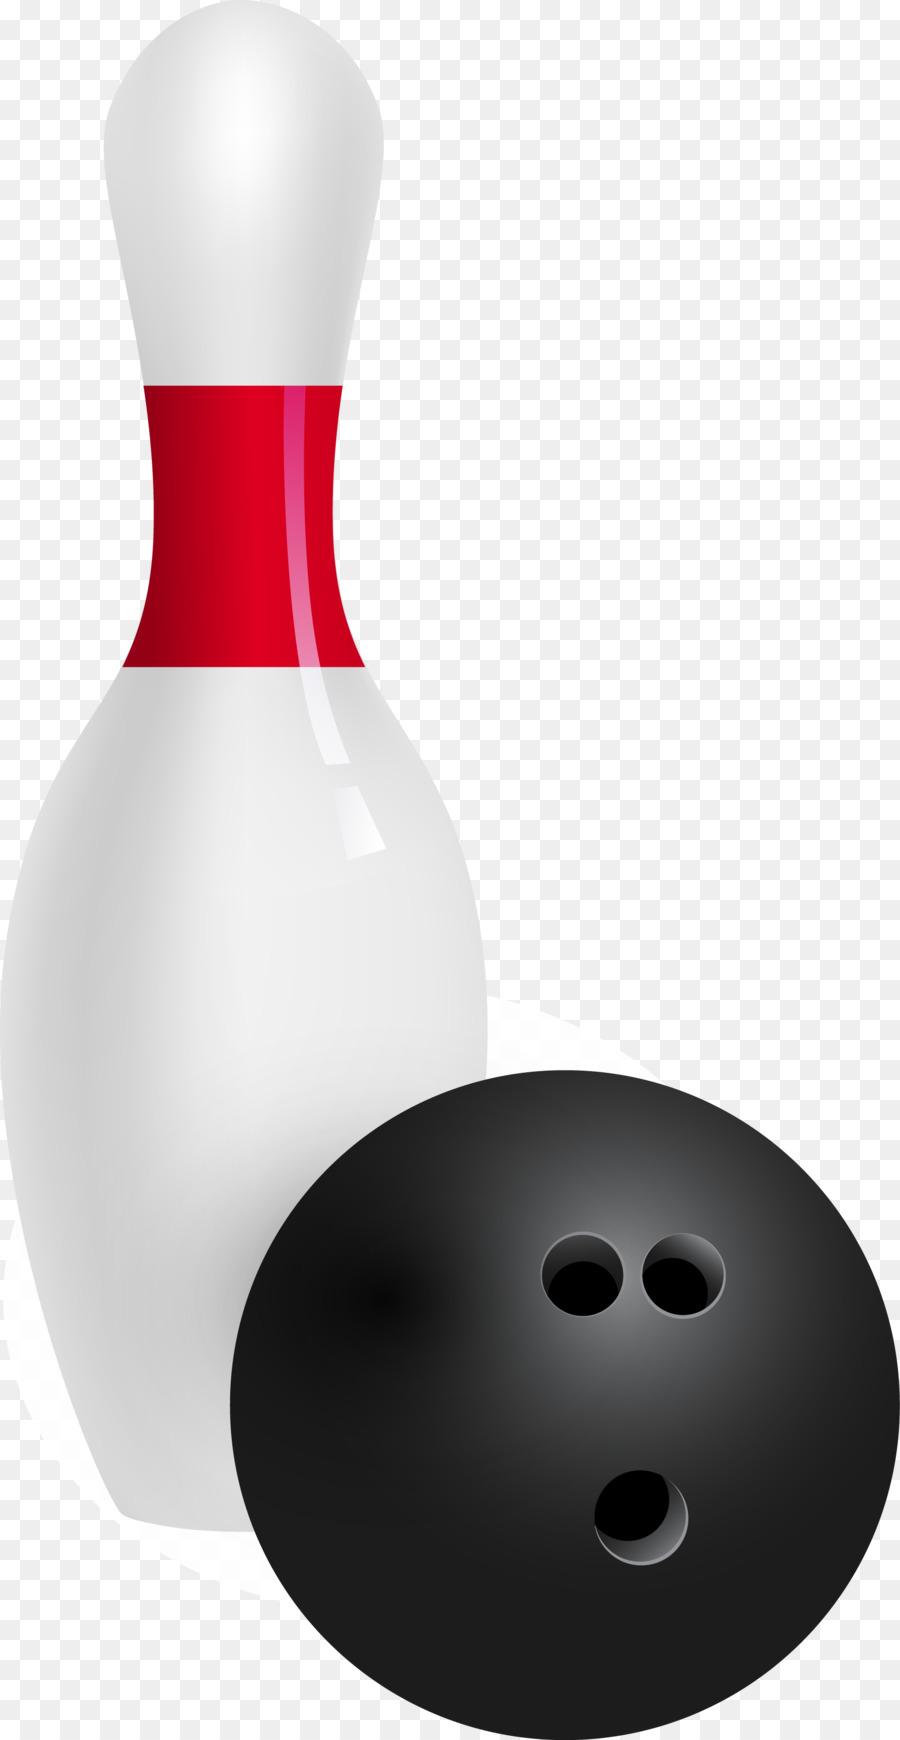 900x1740 Bowling Ball